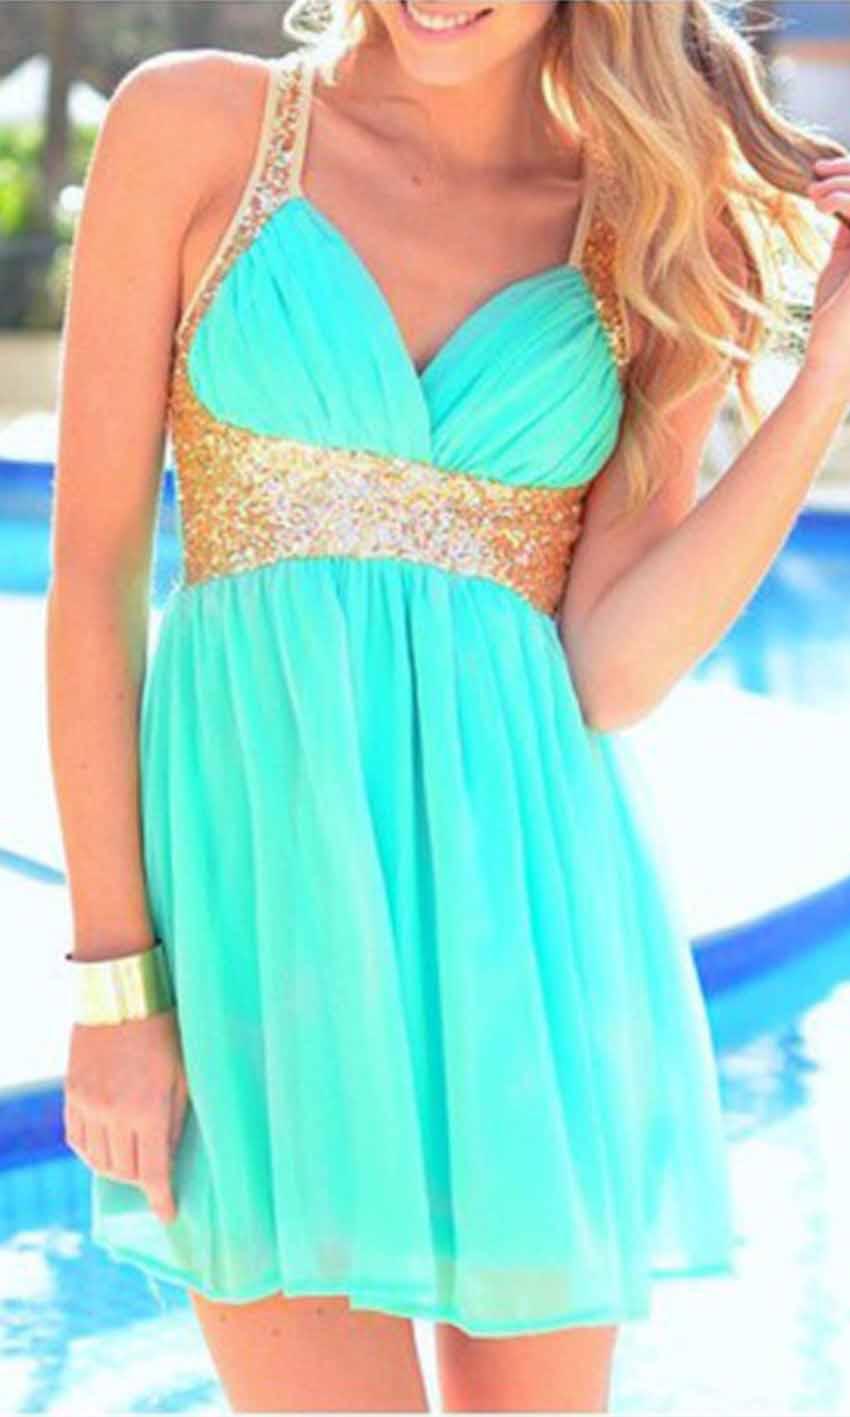 Black and Gold Sequin Short Prom Dresses UK KSP380 [KSP380] - £87.00 ...